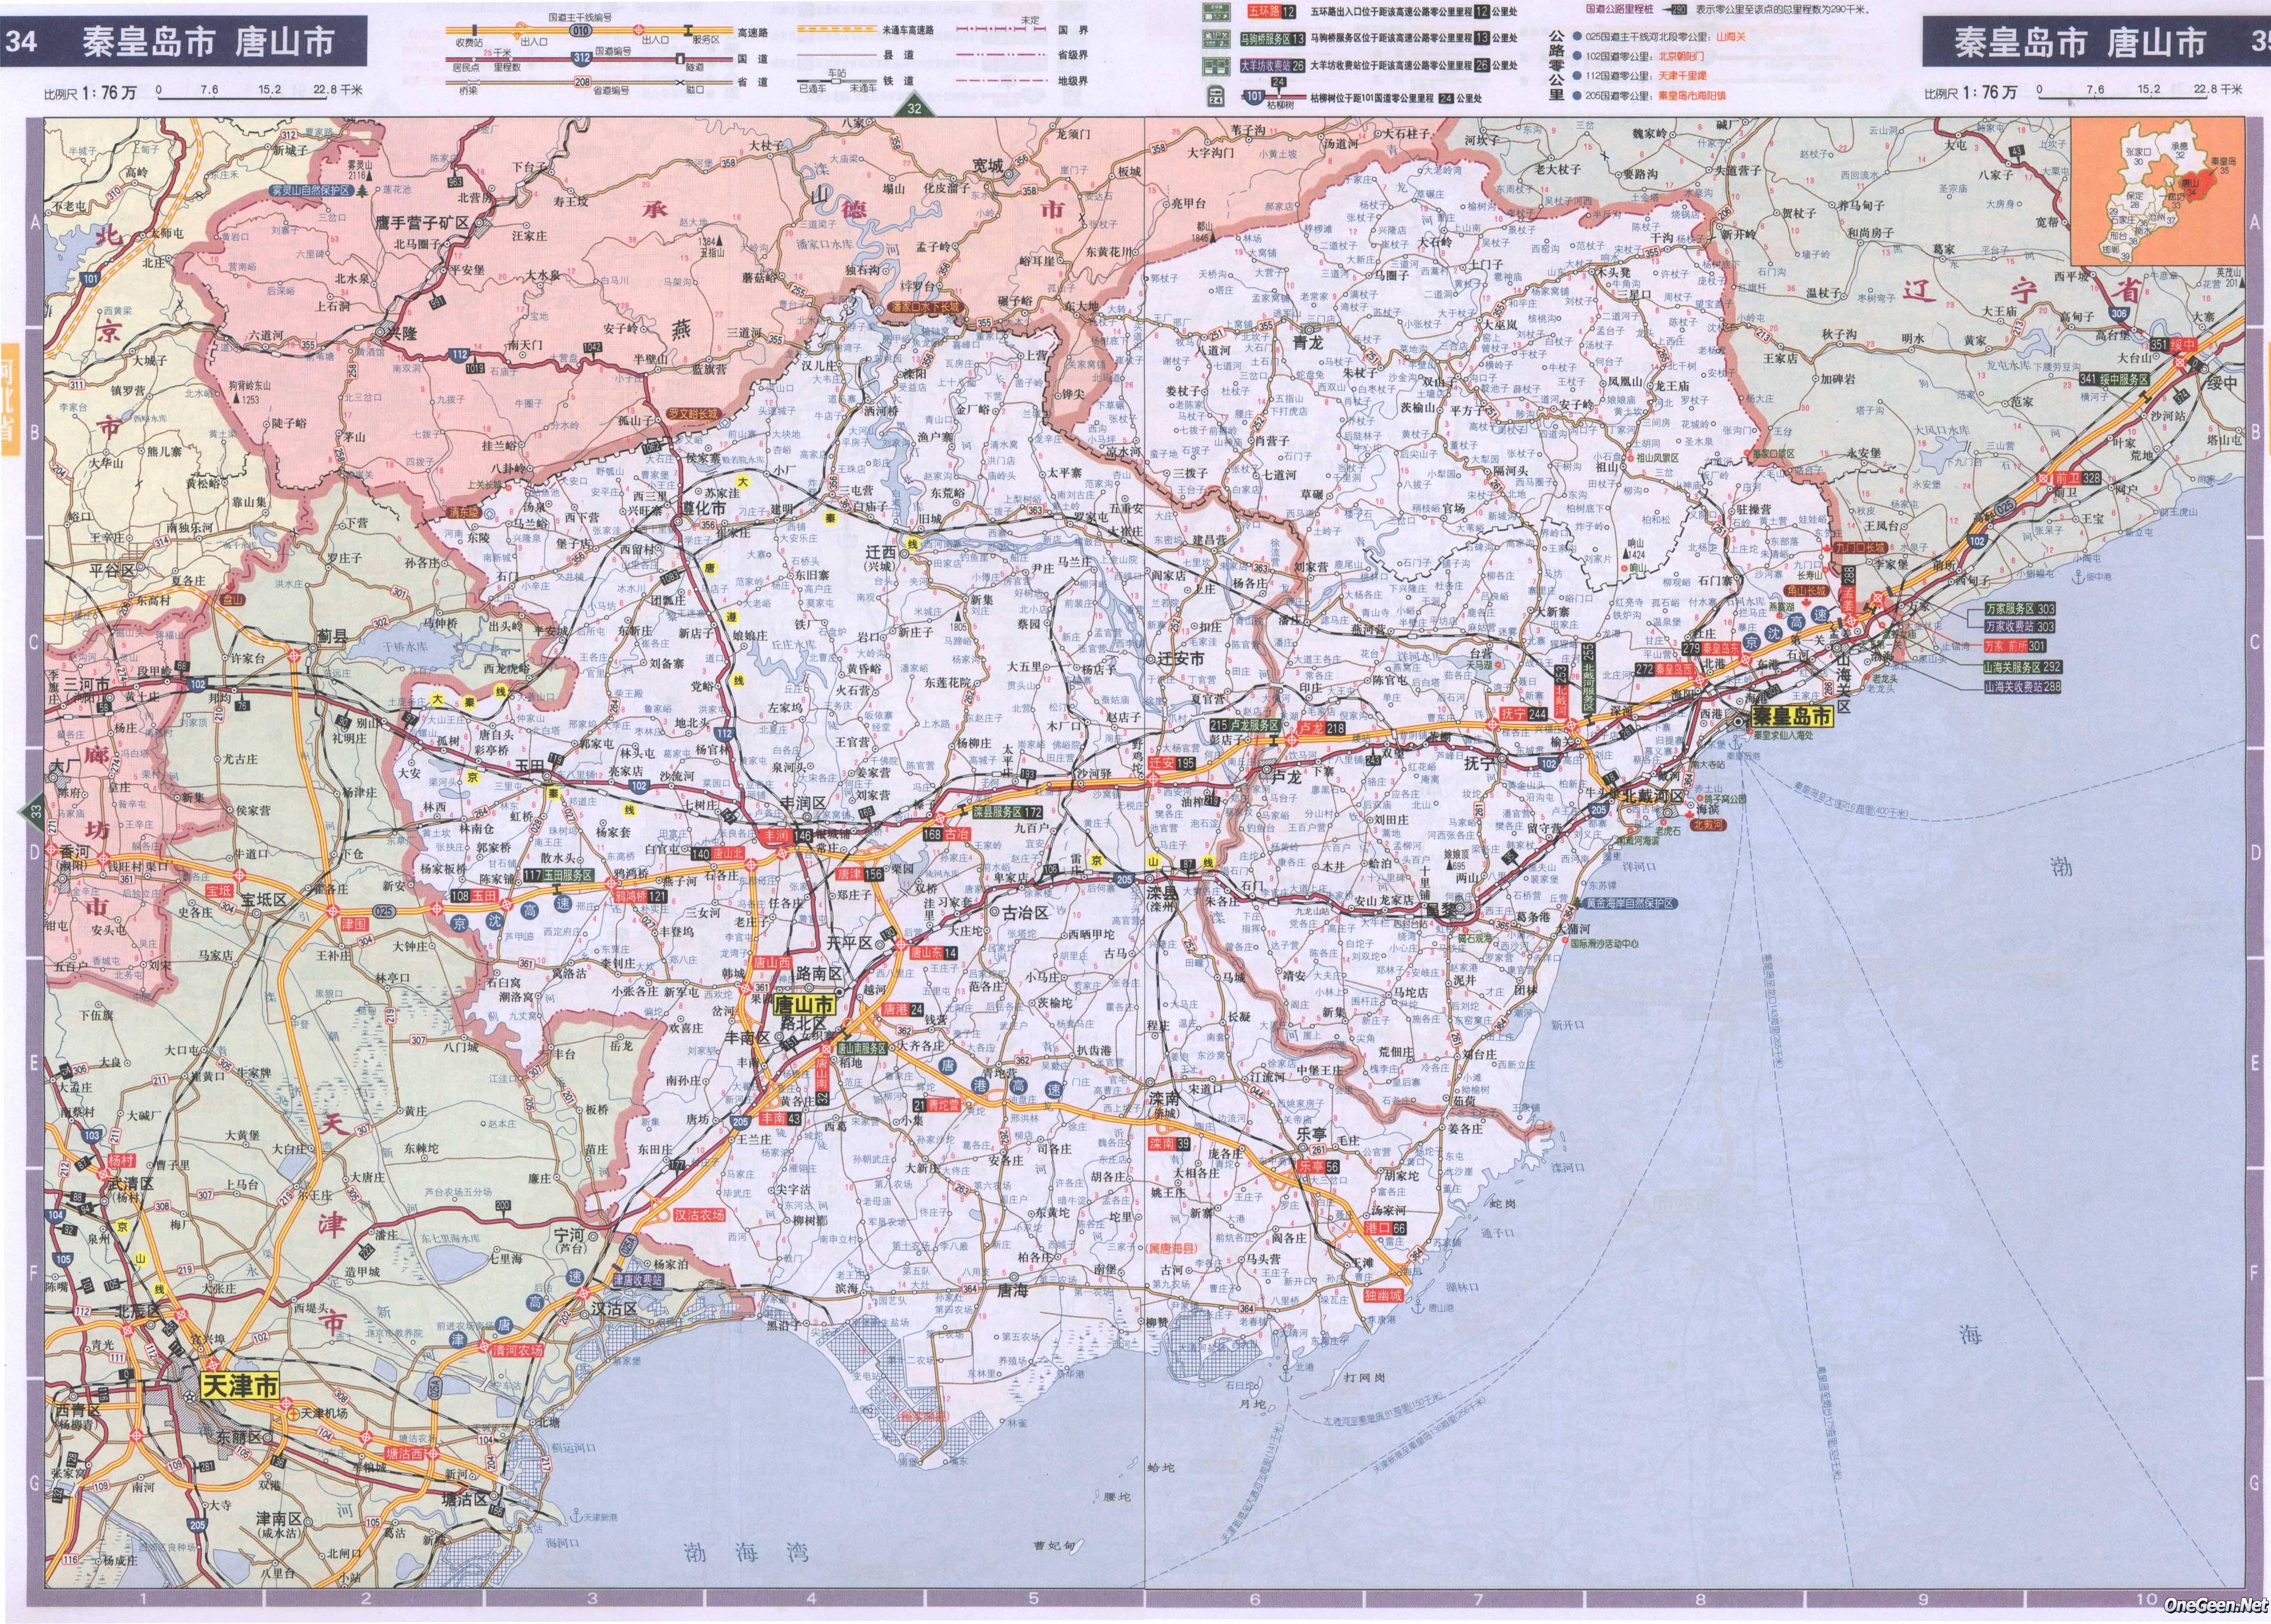 河北乐亭马尔代夫_最新唐山地图全图内容|最新唐山地图全图版面设计